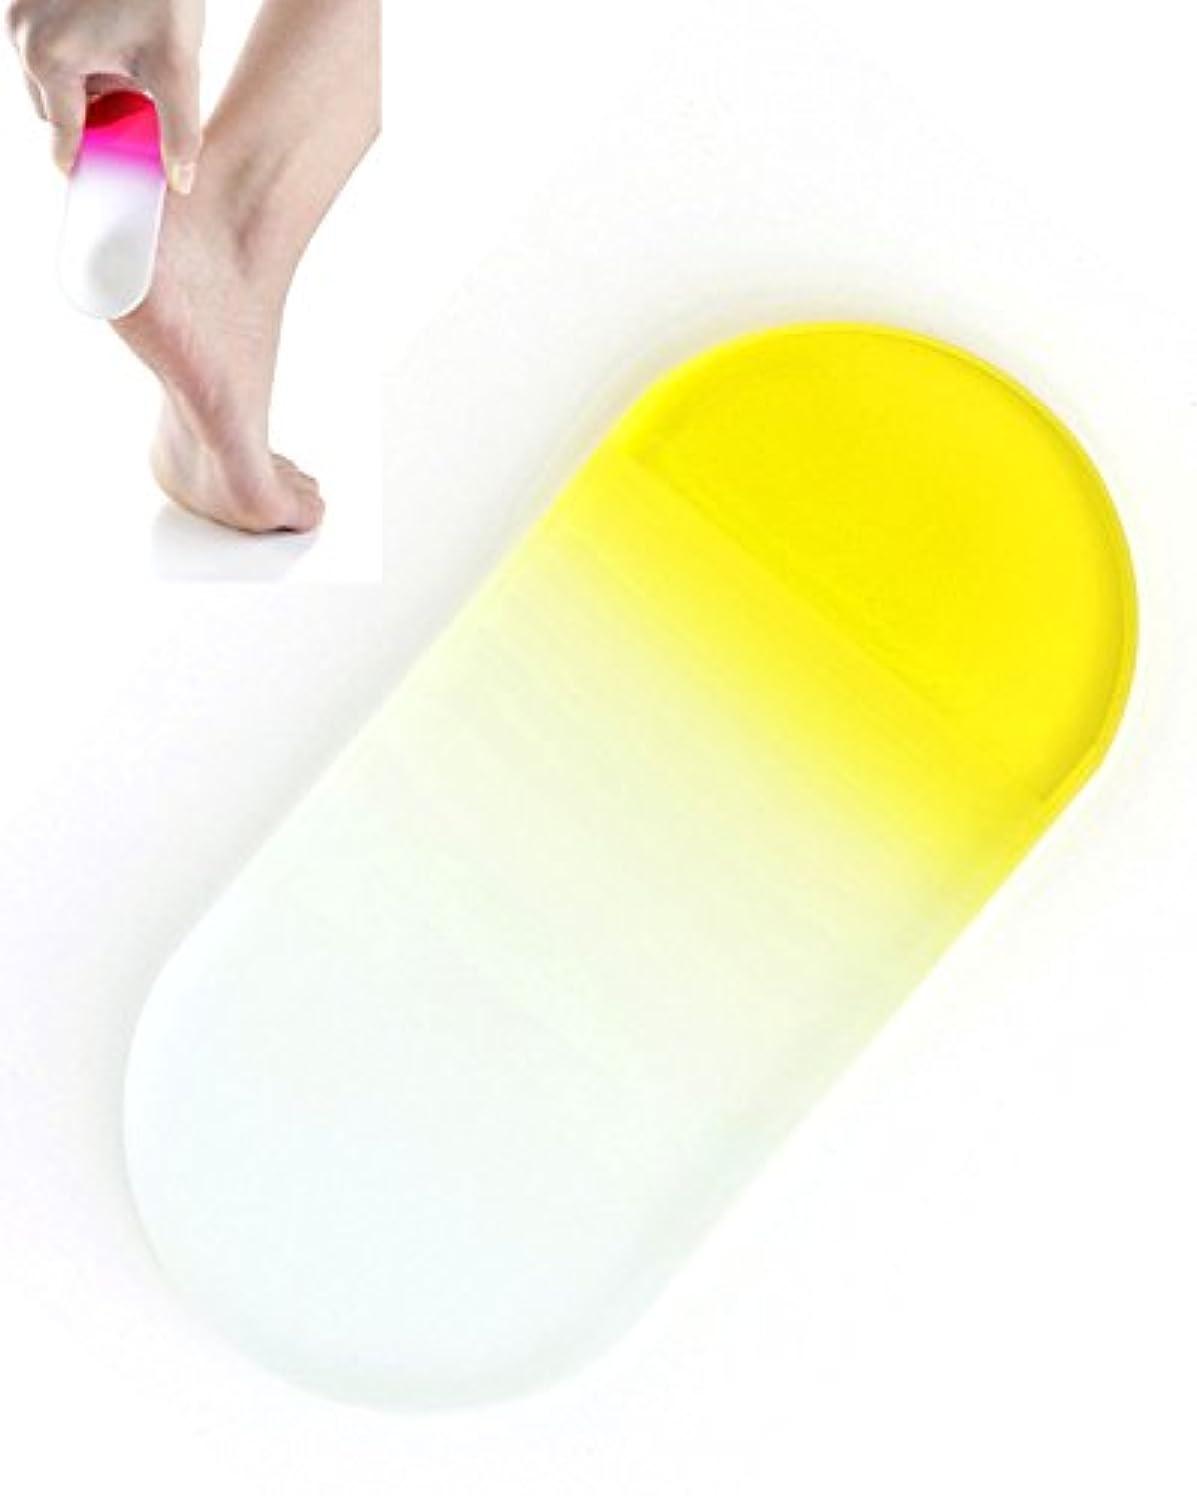 口径傾向があります小石BISON チェコ製ガラス かかとキレイ イエロー 荒目/細目両面 専用ケース付 介護用